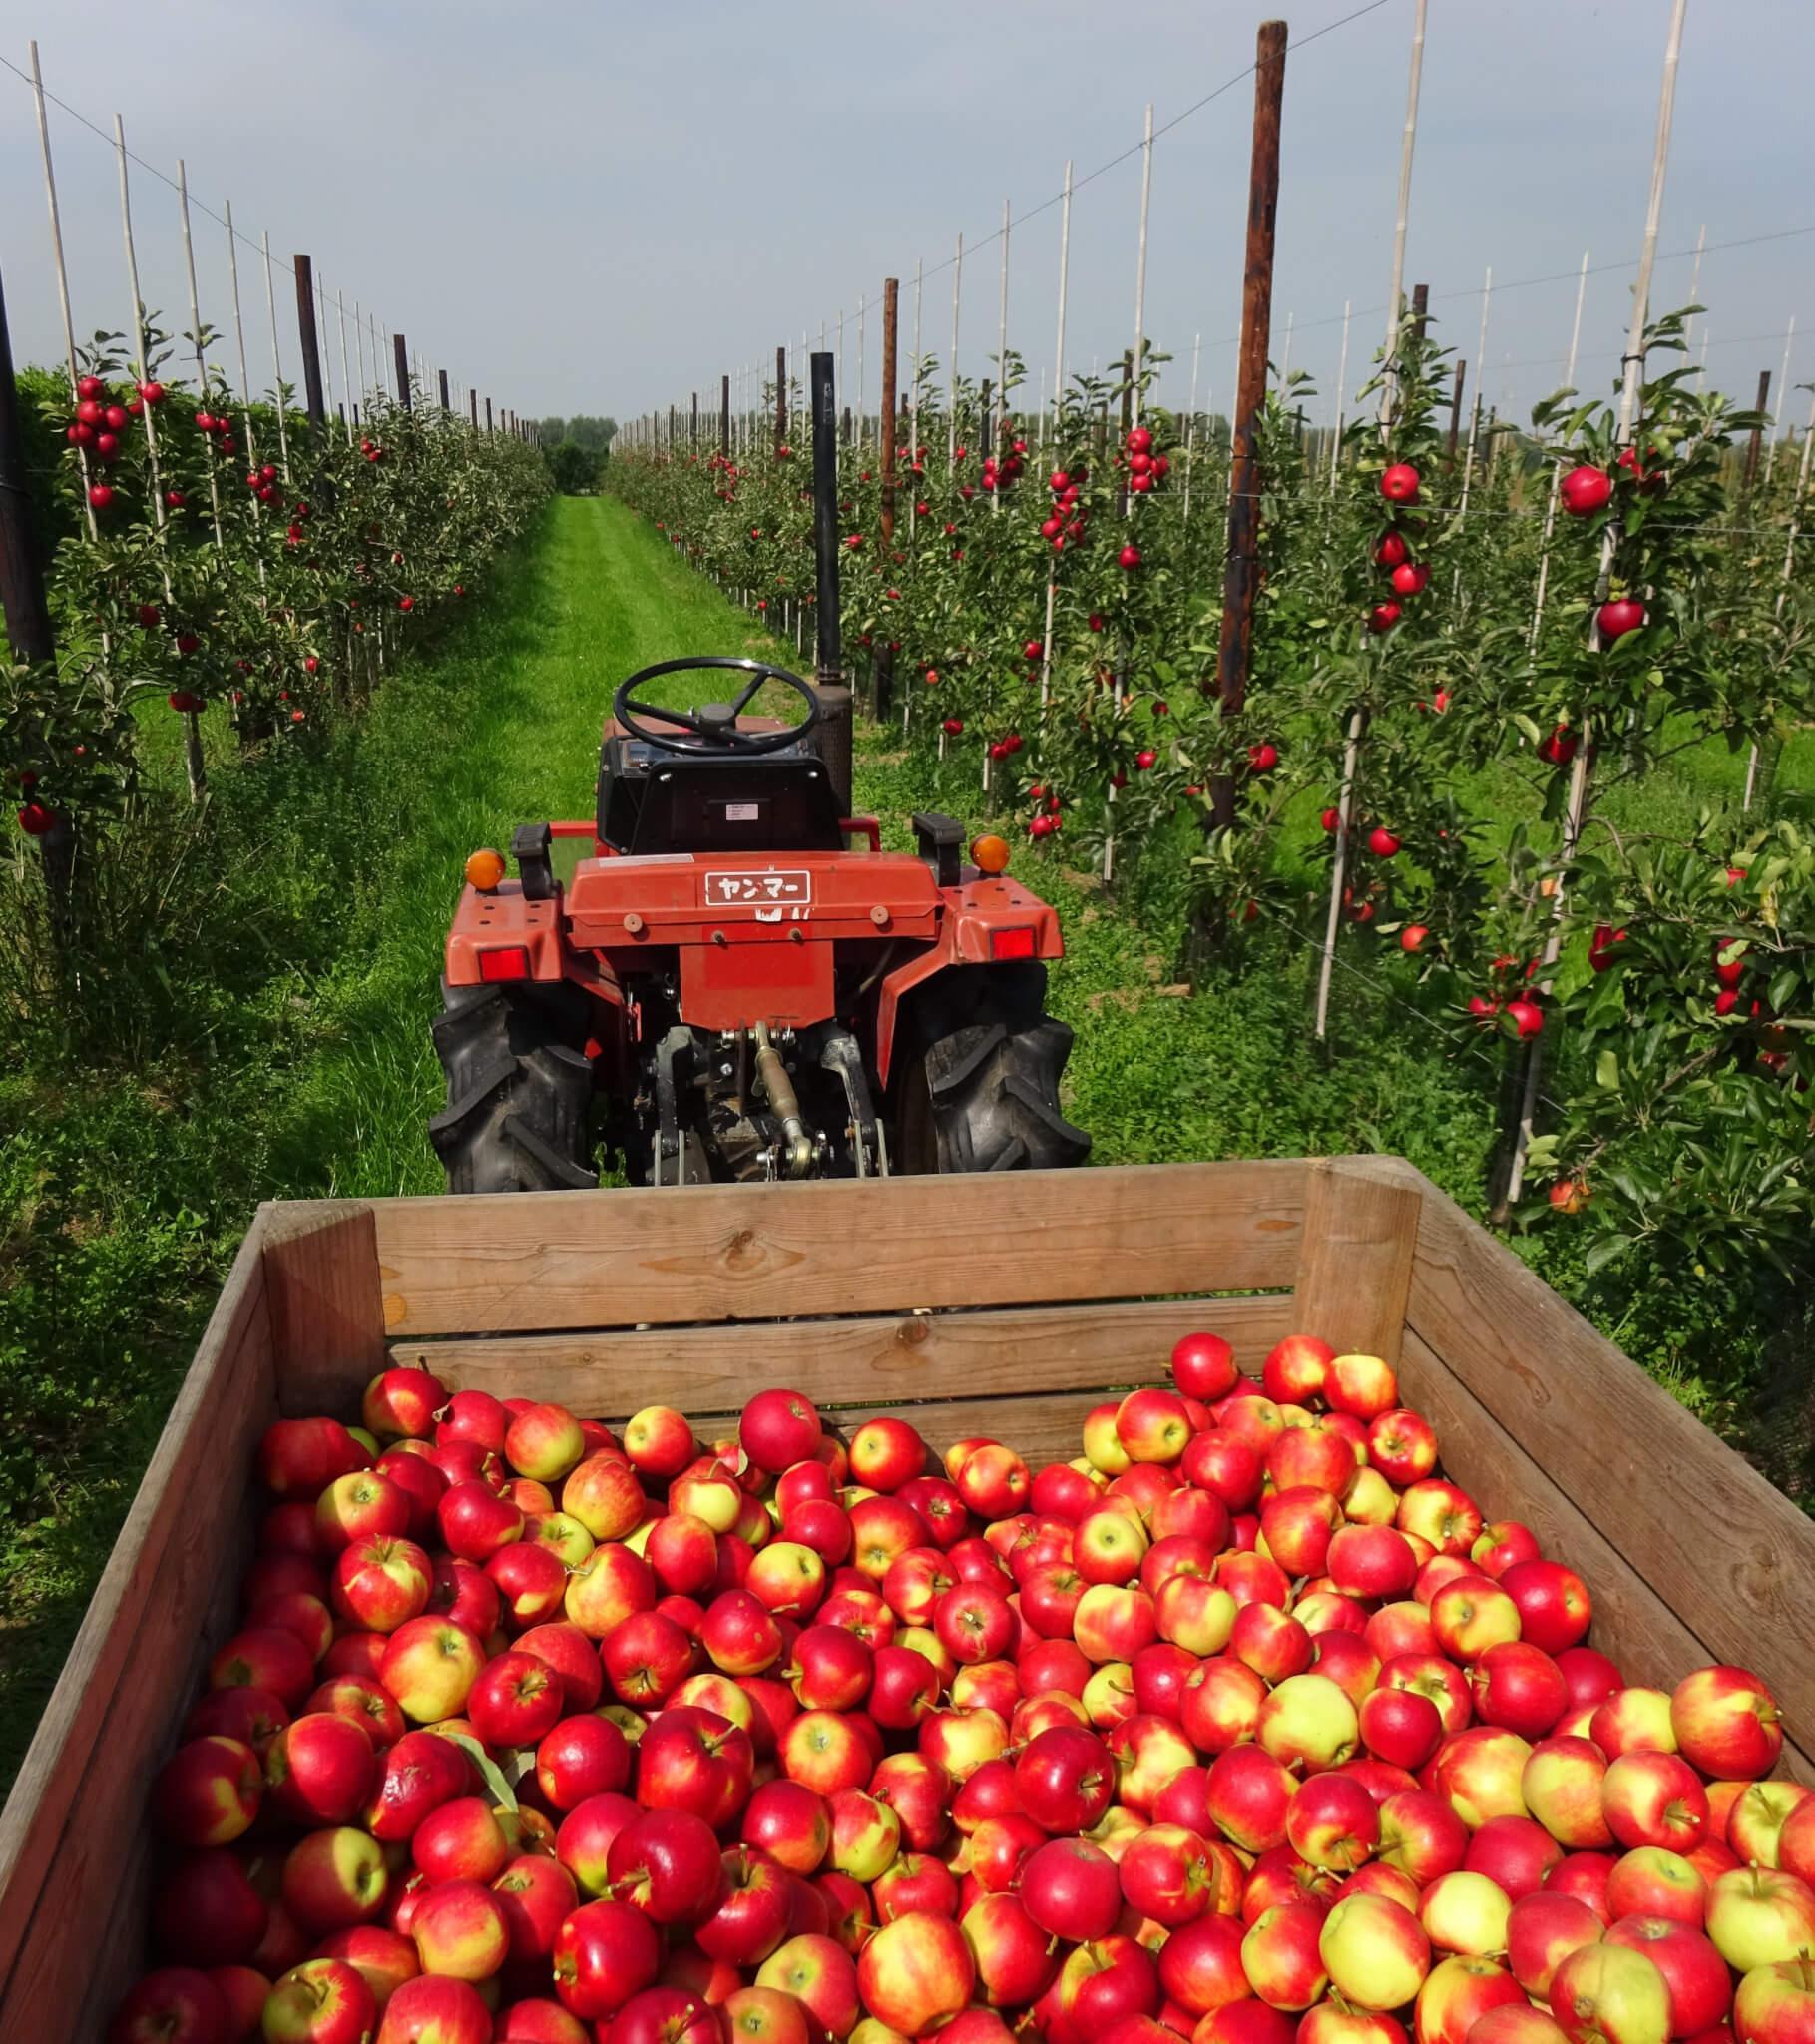 Fruitbedrijf-Van-den-Berge_Elstar_2017_pluktrein